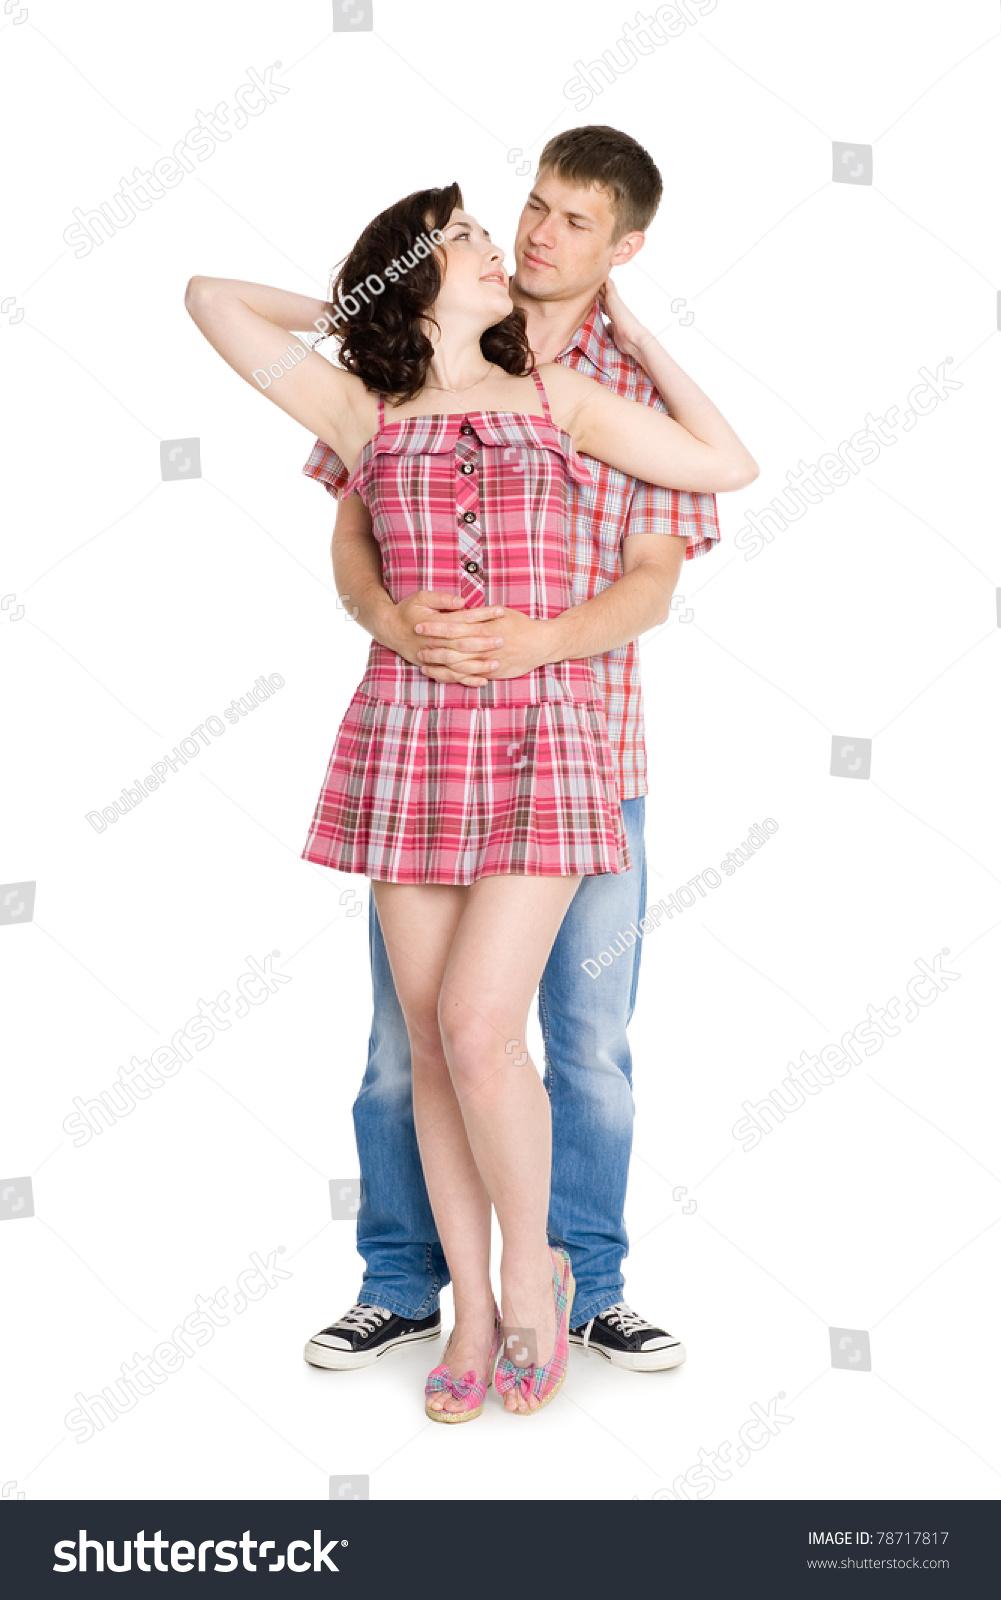 Фото парень обнимает девушку в шортах